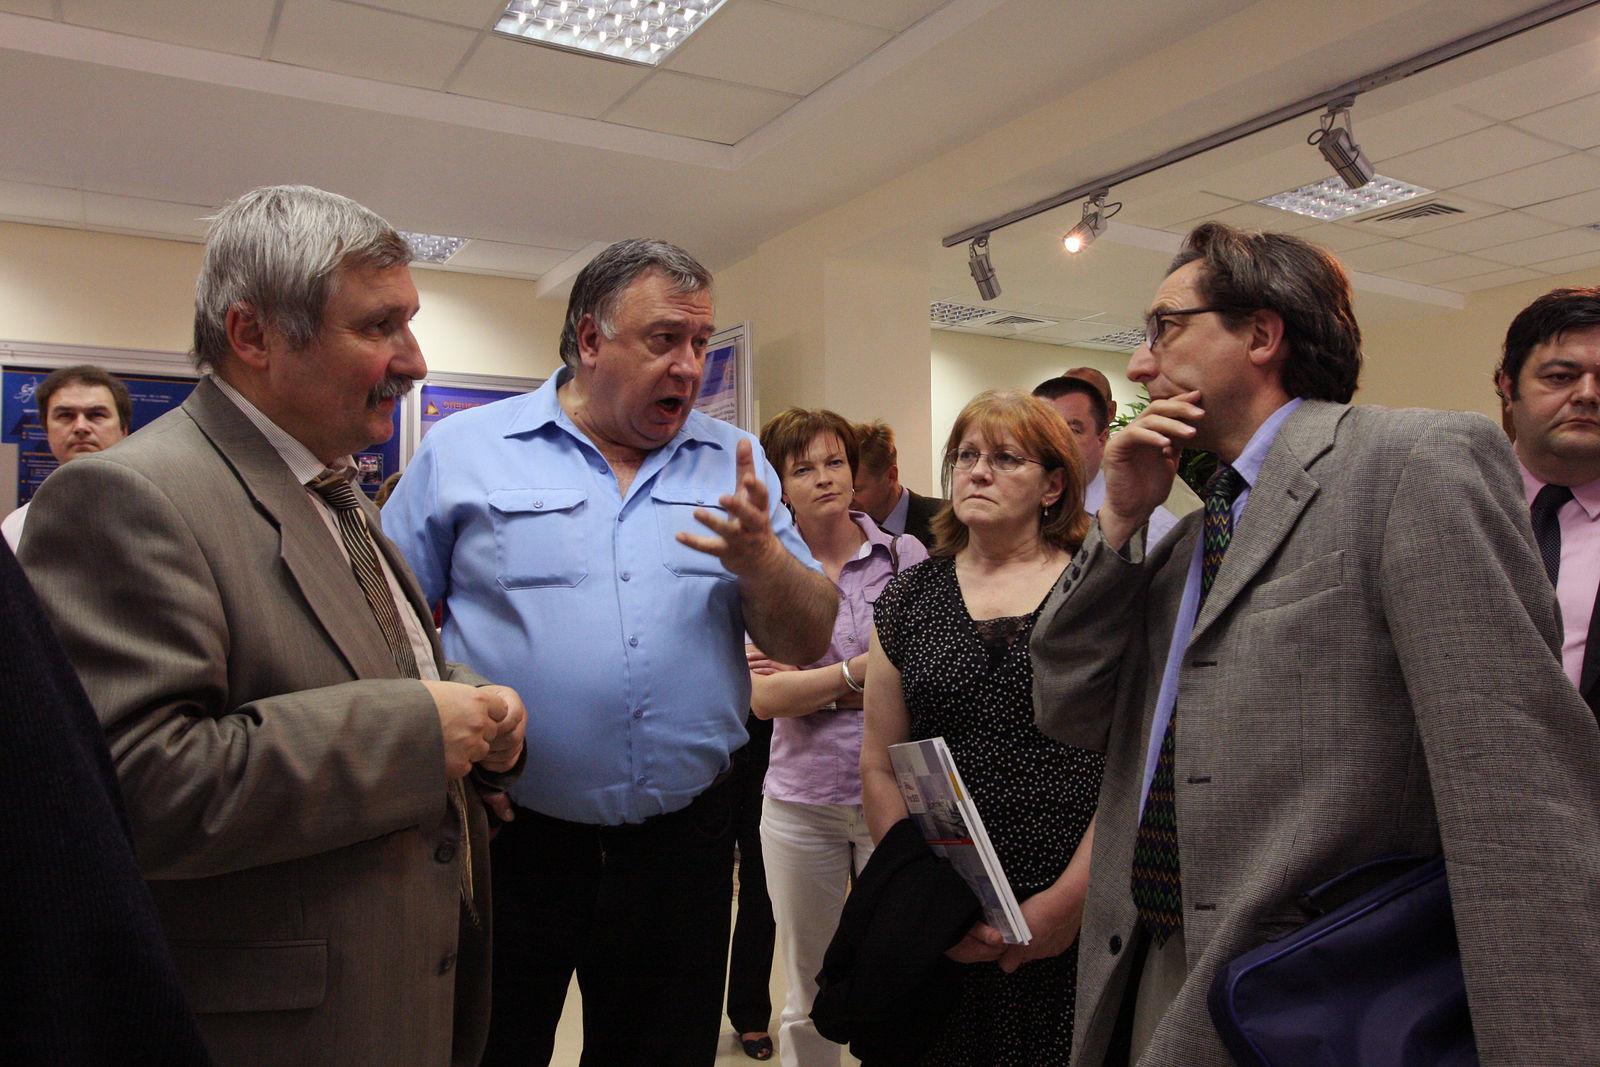 Юрий Антипычев. Происходящее. Иностранная делегация в Дубне, 2009